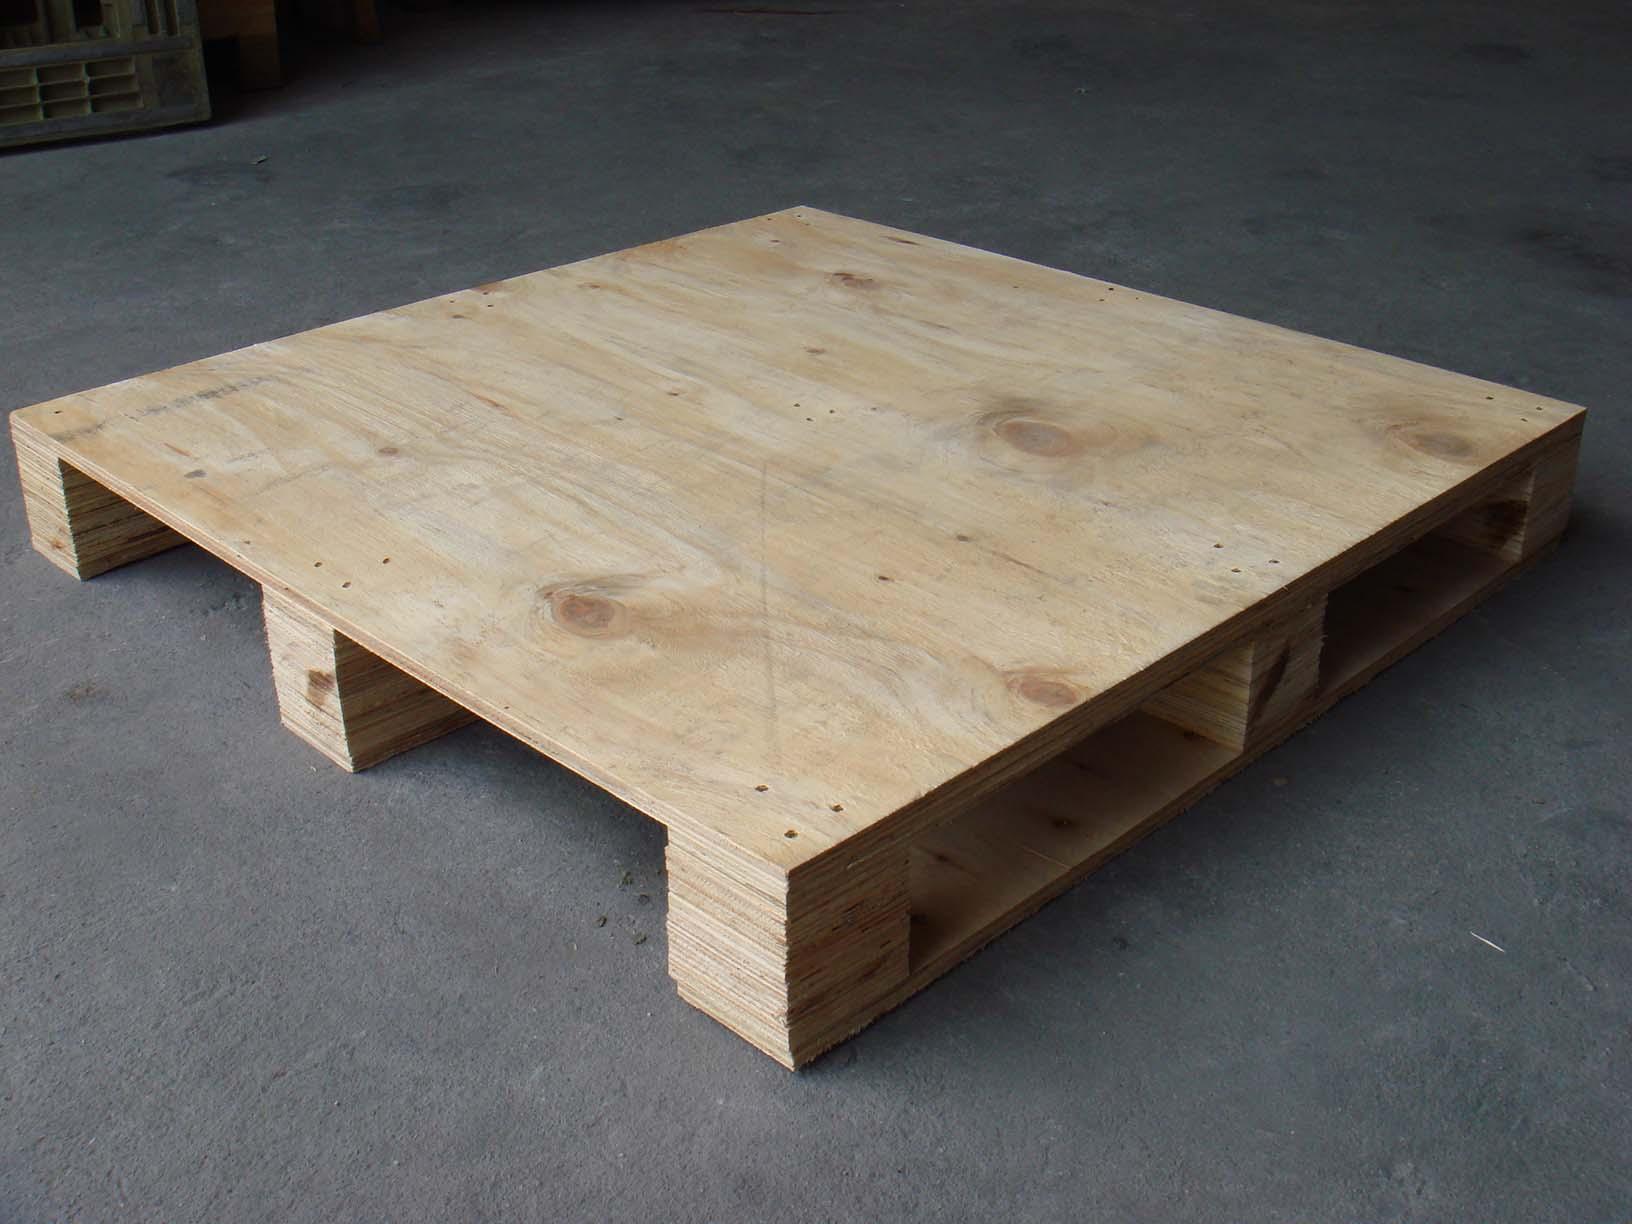 胶合栈板批发-泉州木卡板生产厂家-泉州木卡板定制